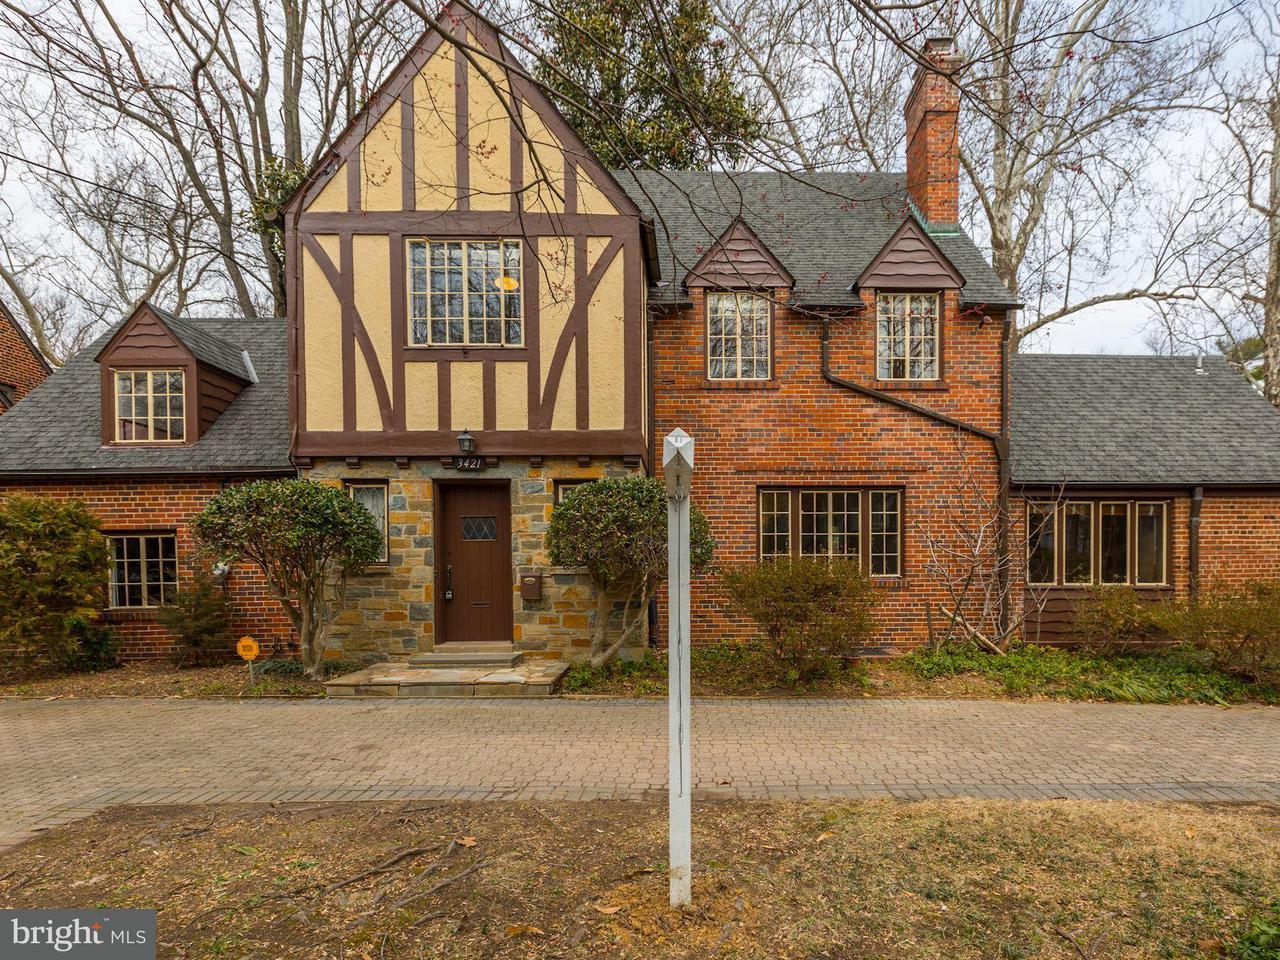 단독 가정 주택 용 매매 에 3421 Garrison St Nw 3421 Garrison St Nw Washington, 컬럼비아주 20008 미국